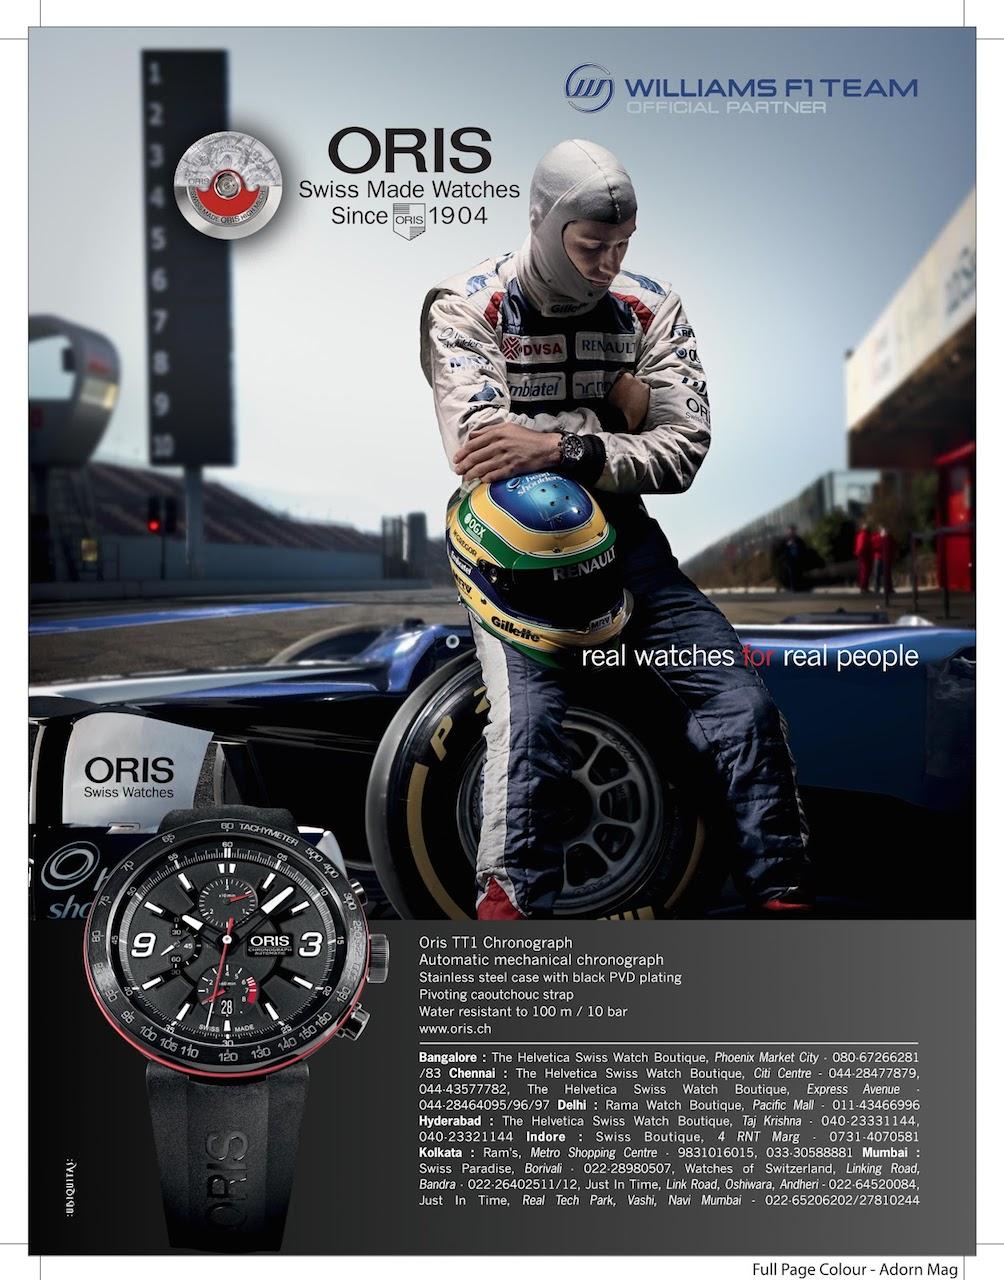 4.ORIS-Historia